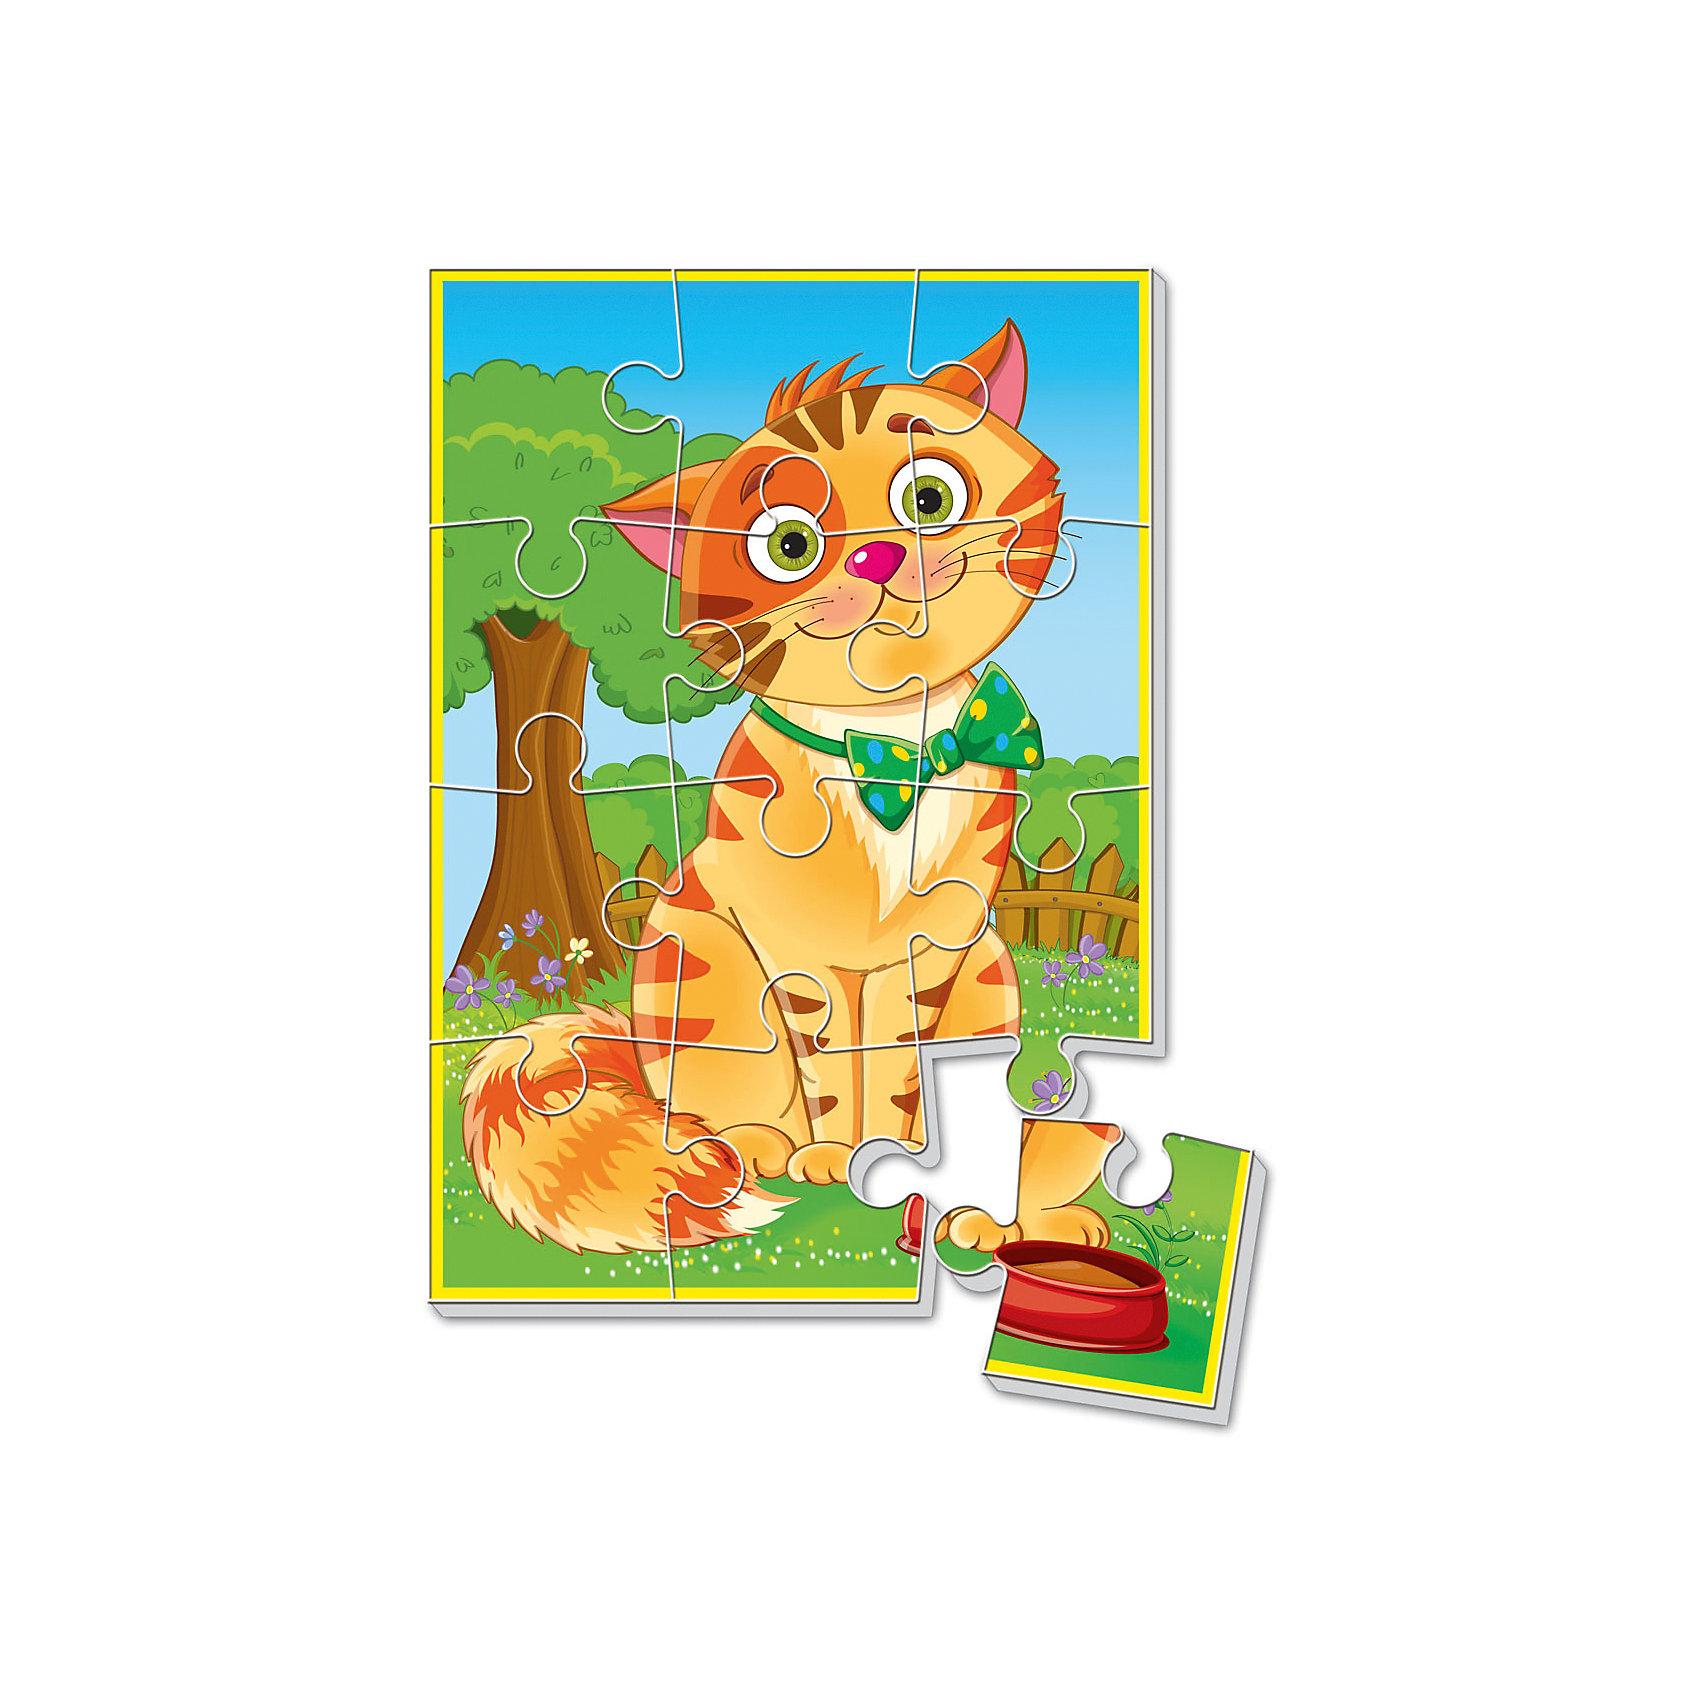 Vladi Toys Мягкие пазлы  А5 Котик, Vladi Toys павлин мягкие пазлы